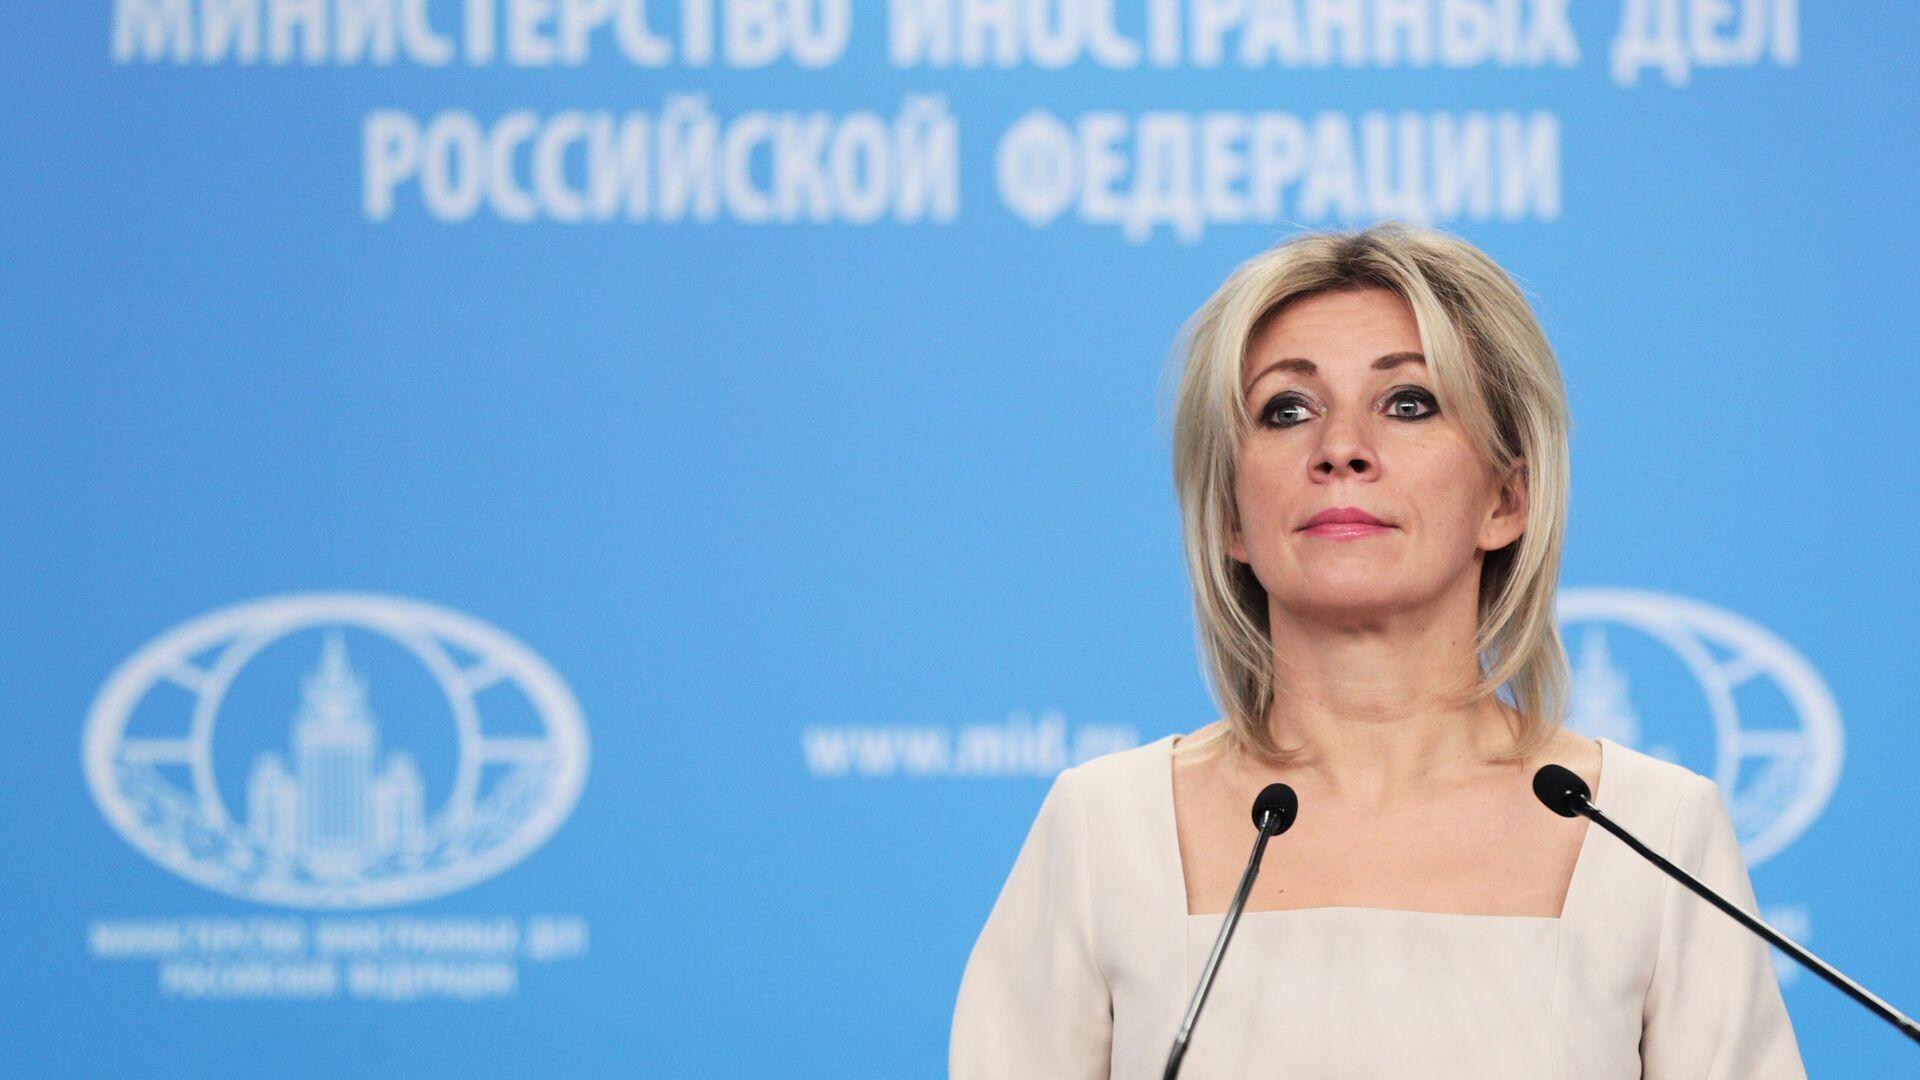 Официальный представитель Министерства иностранных дел России Мария Захарова во время брифинга  - РИА Новости, 1920, 03.03.2021